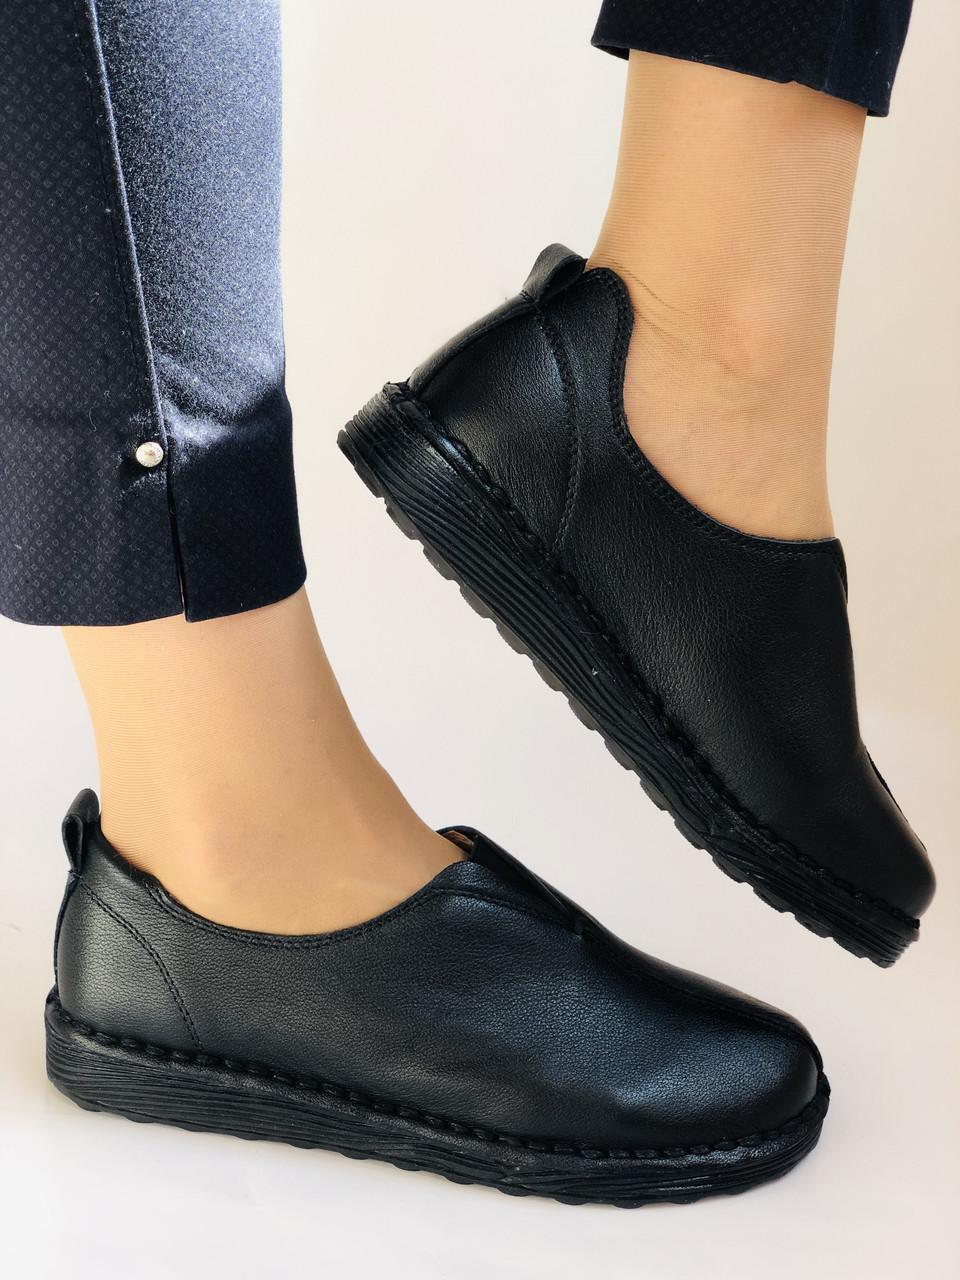 Жіночі осінні туфлі на широку ногу. Натуральна шкіра.Р. 36,38,39,40.Супер комфорт Vellena